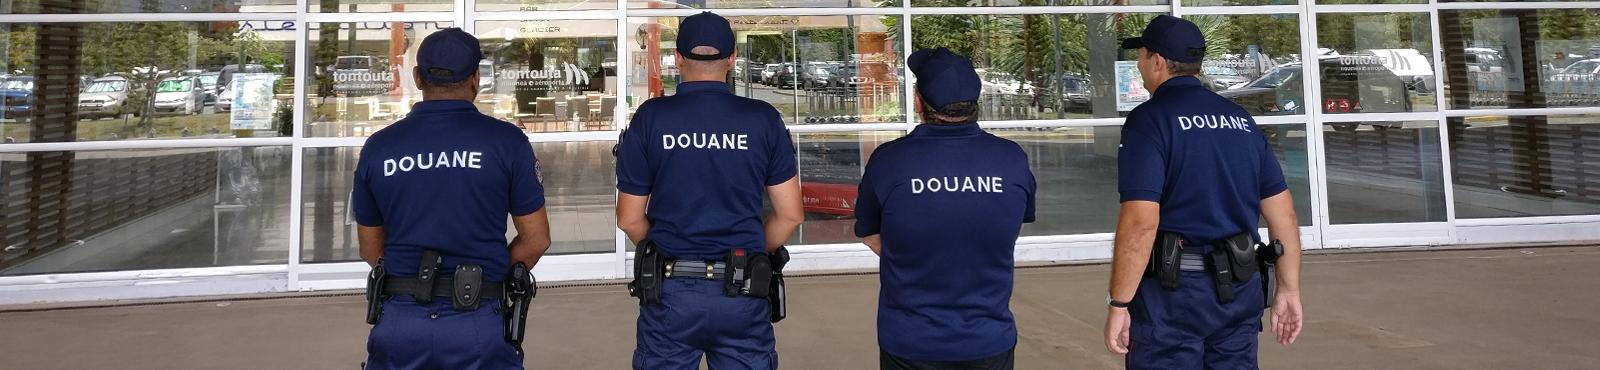 Douane La Tontouta